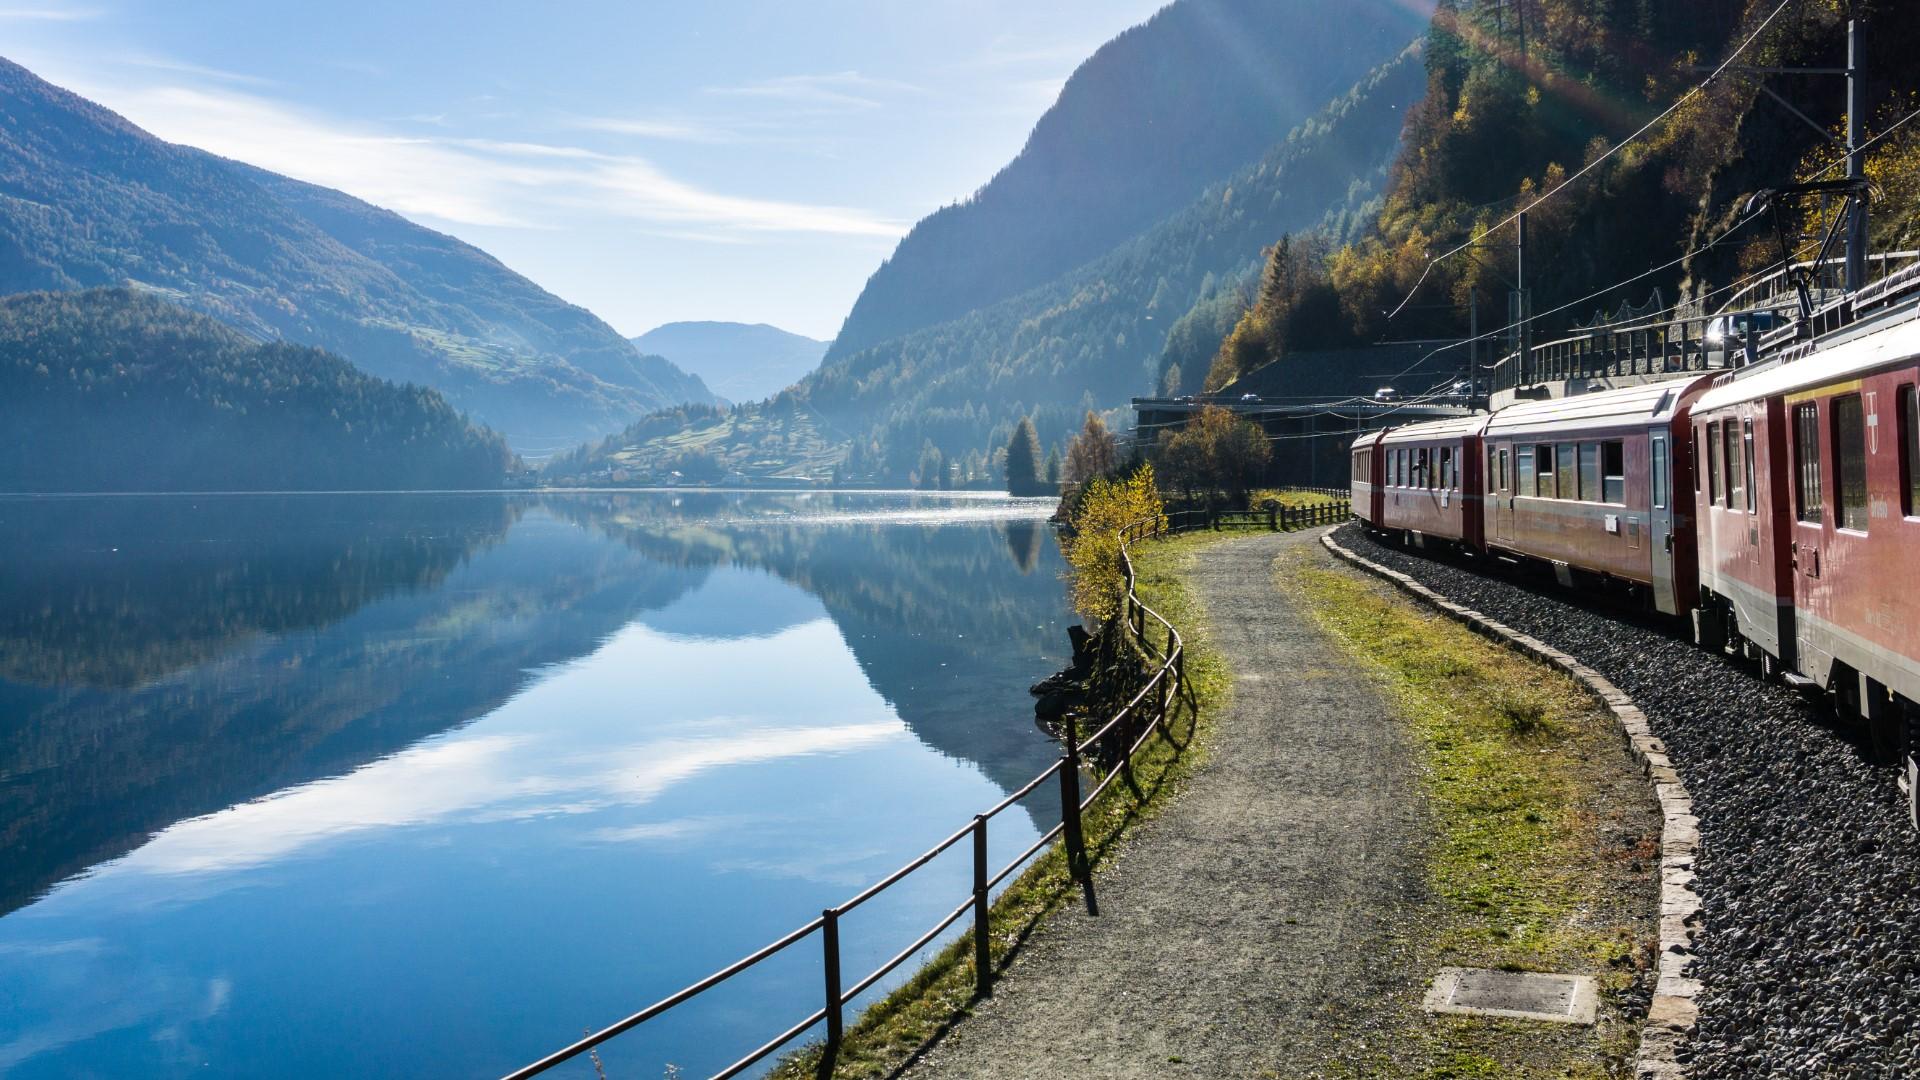 Miralago, Tirano, the Bernina Train...